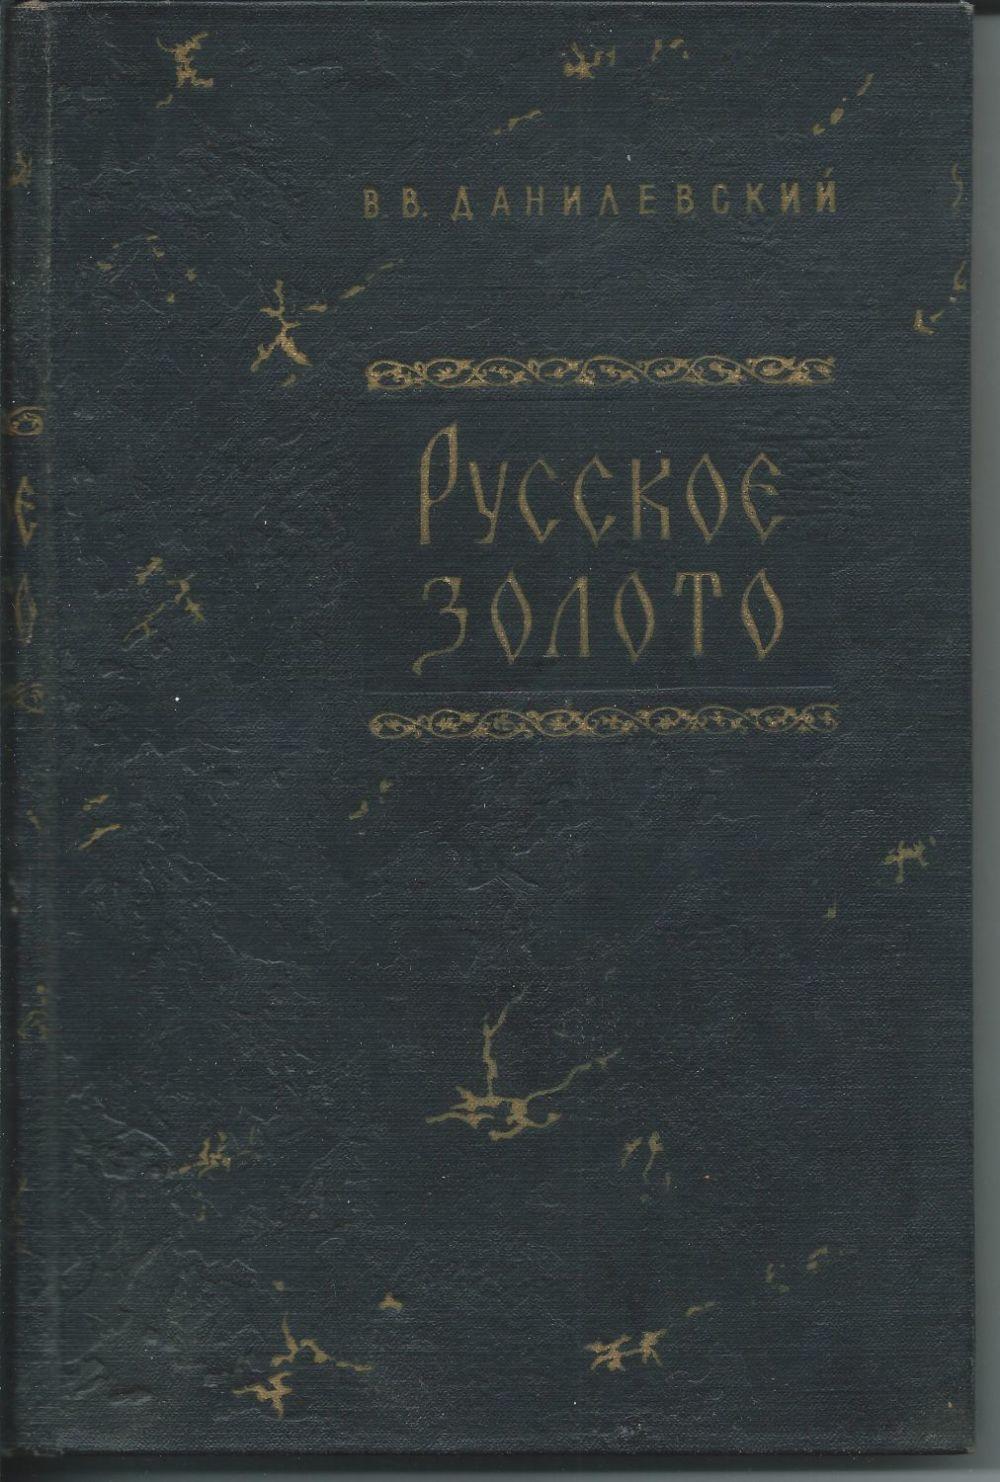 Русское золото: история открытия и добычи до середины XIX века